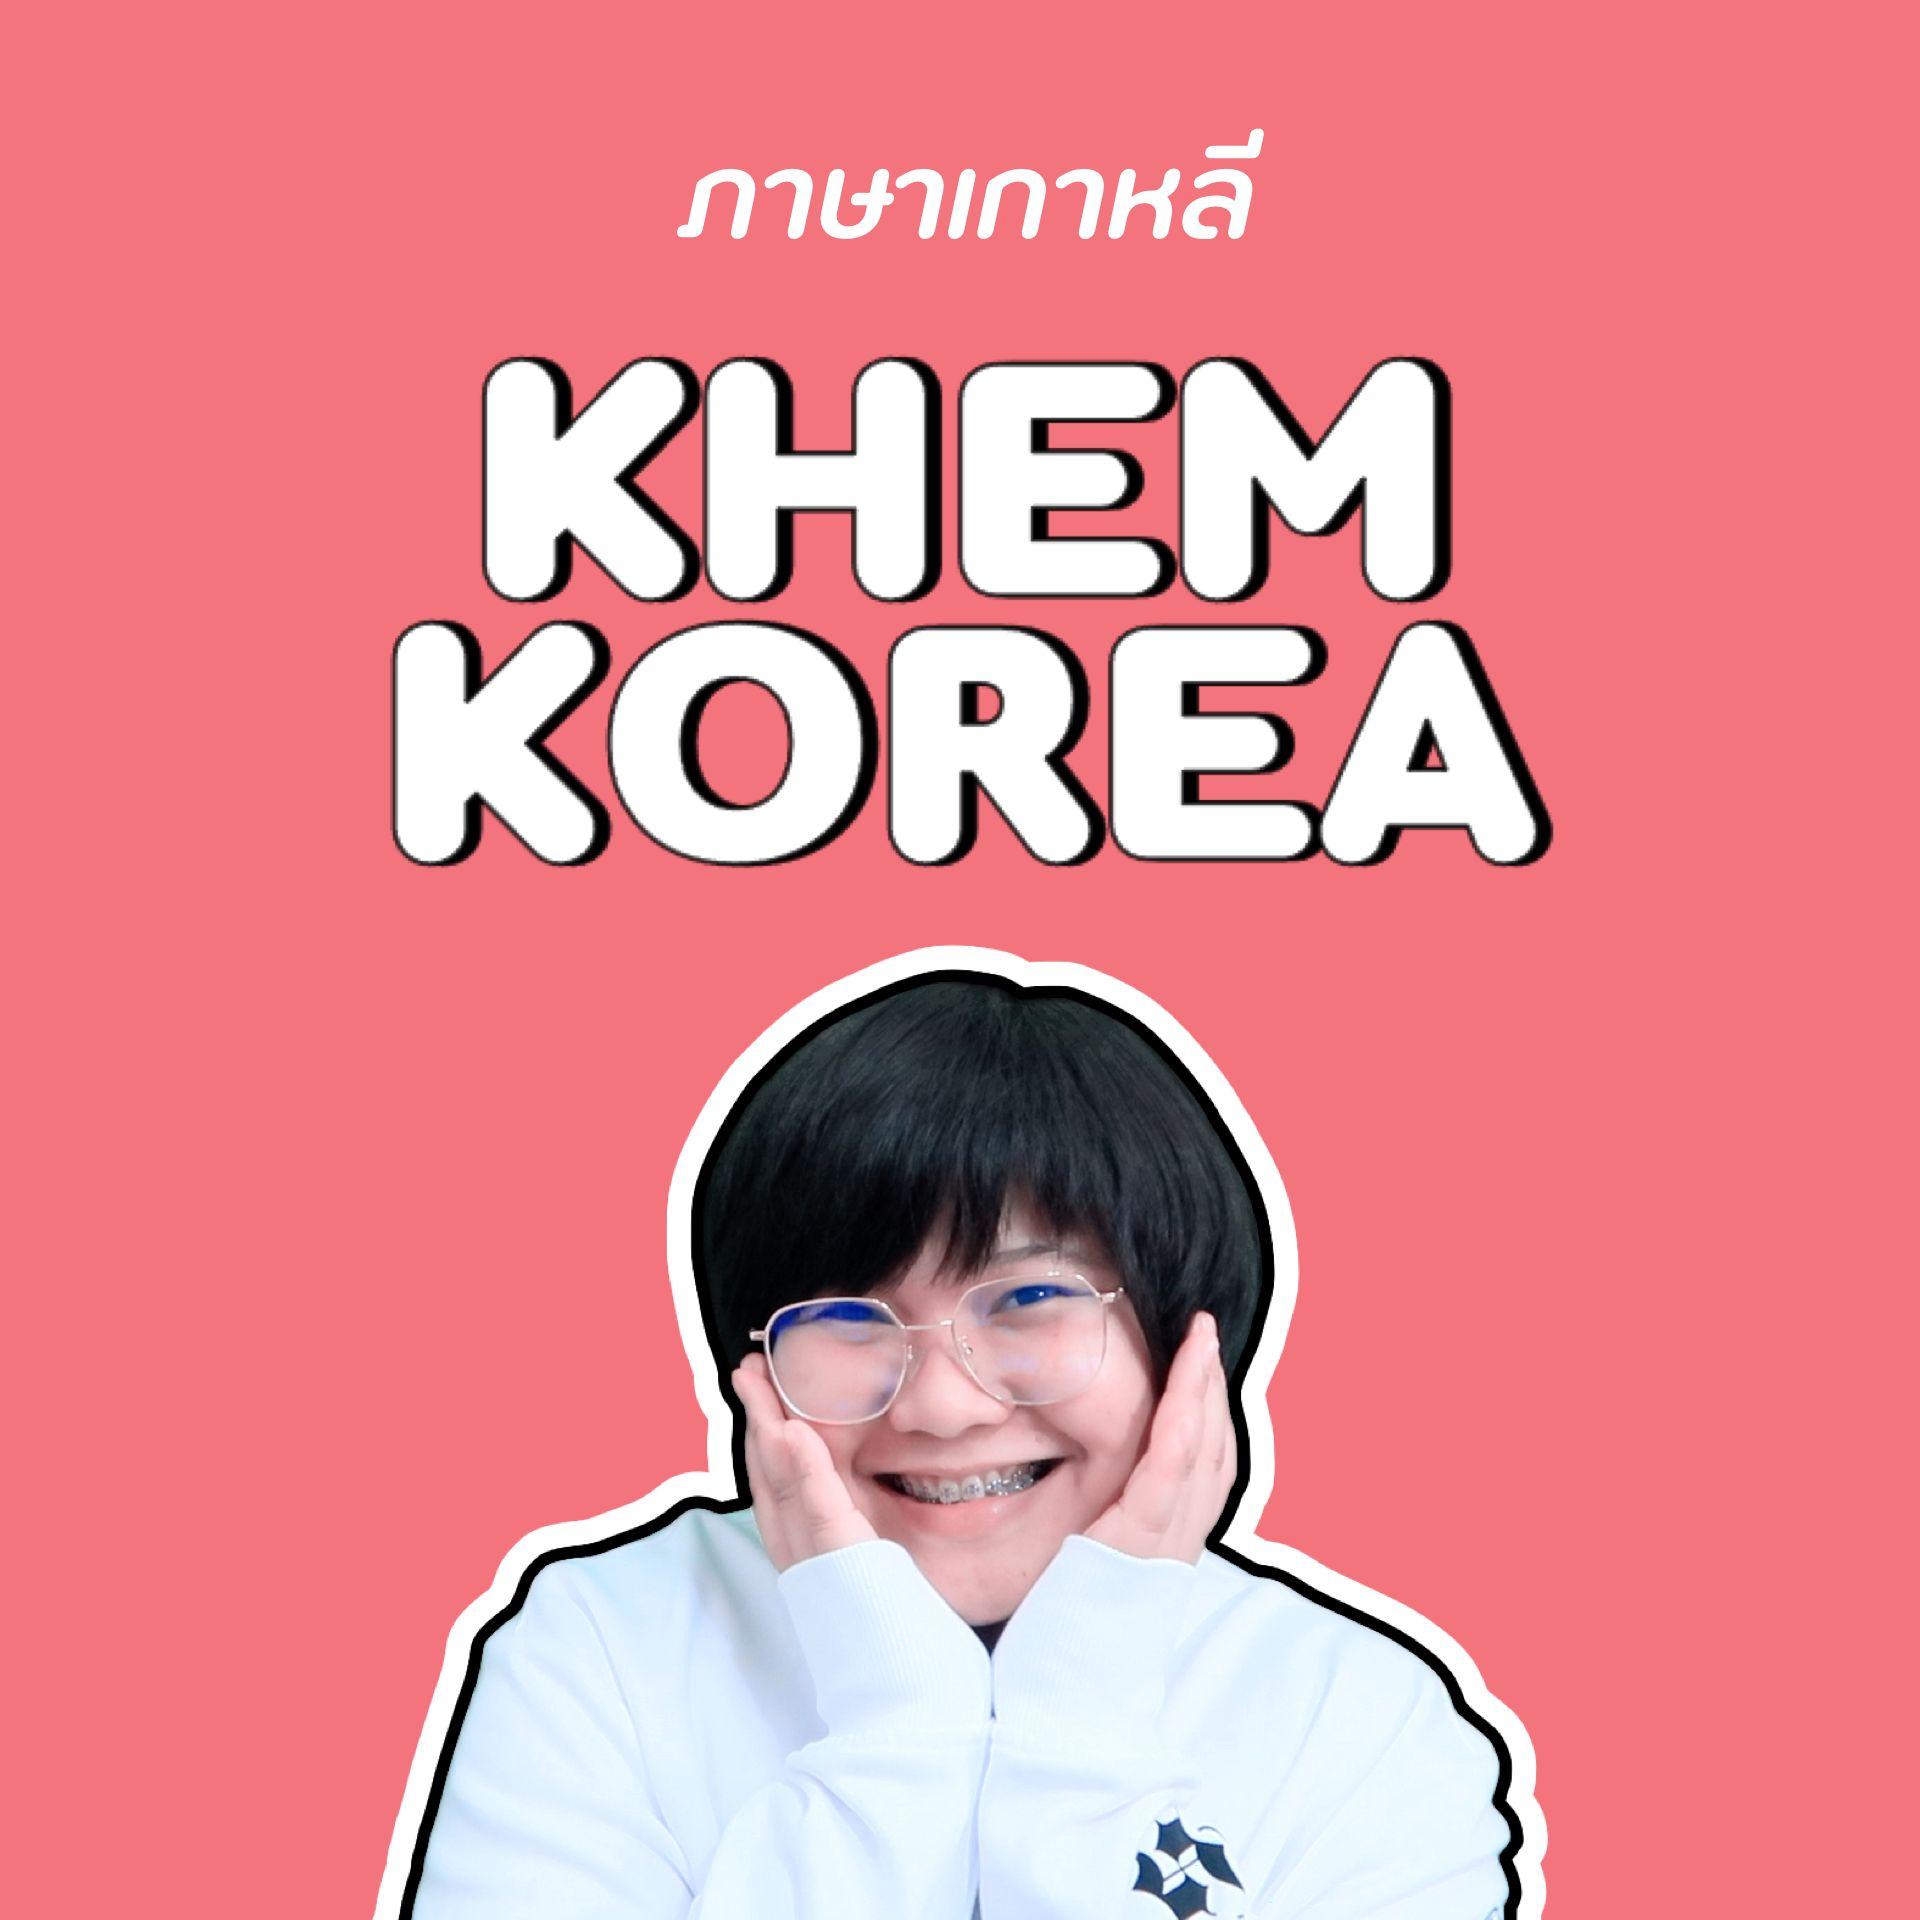 """KK ภาษาเกาหลี EP.47 : พูดเกาหลี """"คิดไม่ออก จำไม่ได้"""""""